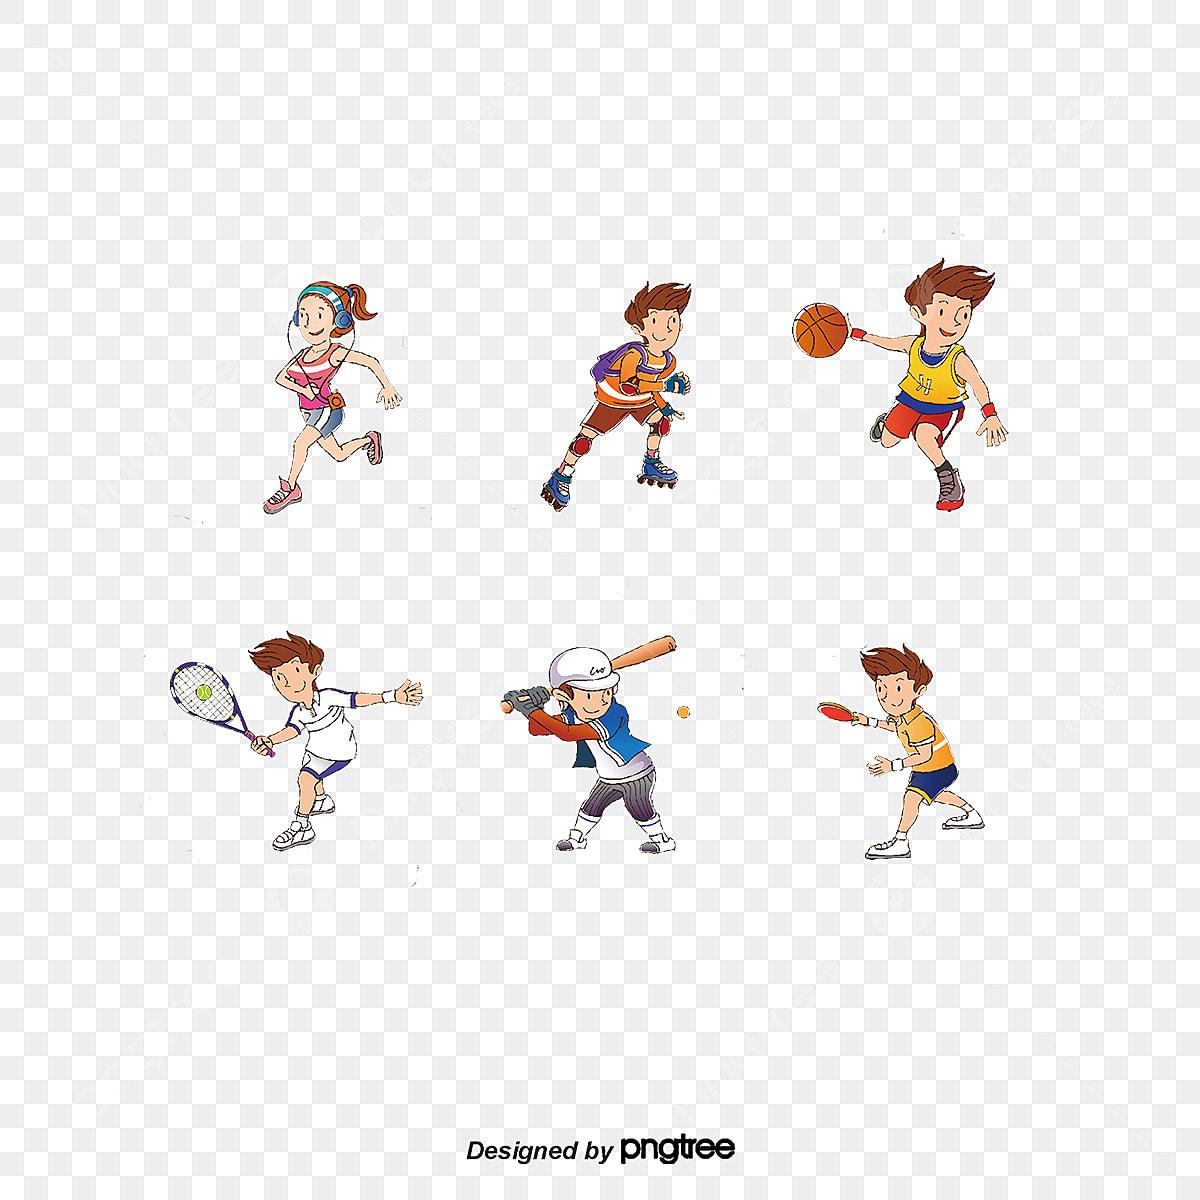 Gambar Vektor Bermain Sepak Bola Kartun Anak Laki Laki Vektor Grafik Vektor Anak Laki Laki Vektor Bermain Sepak Bola Png Dan Psd Untuk Muat Turun Percuma